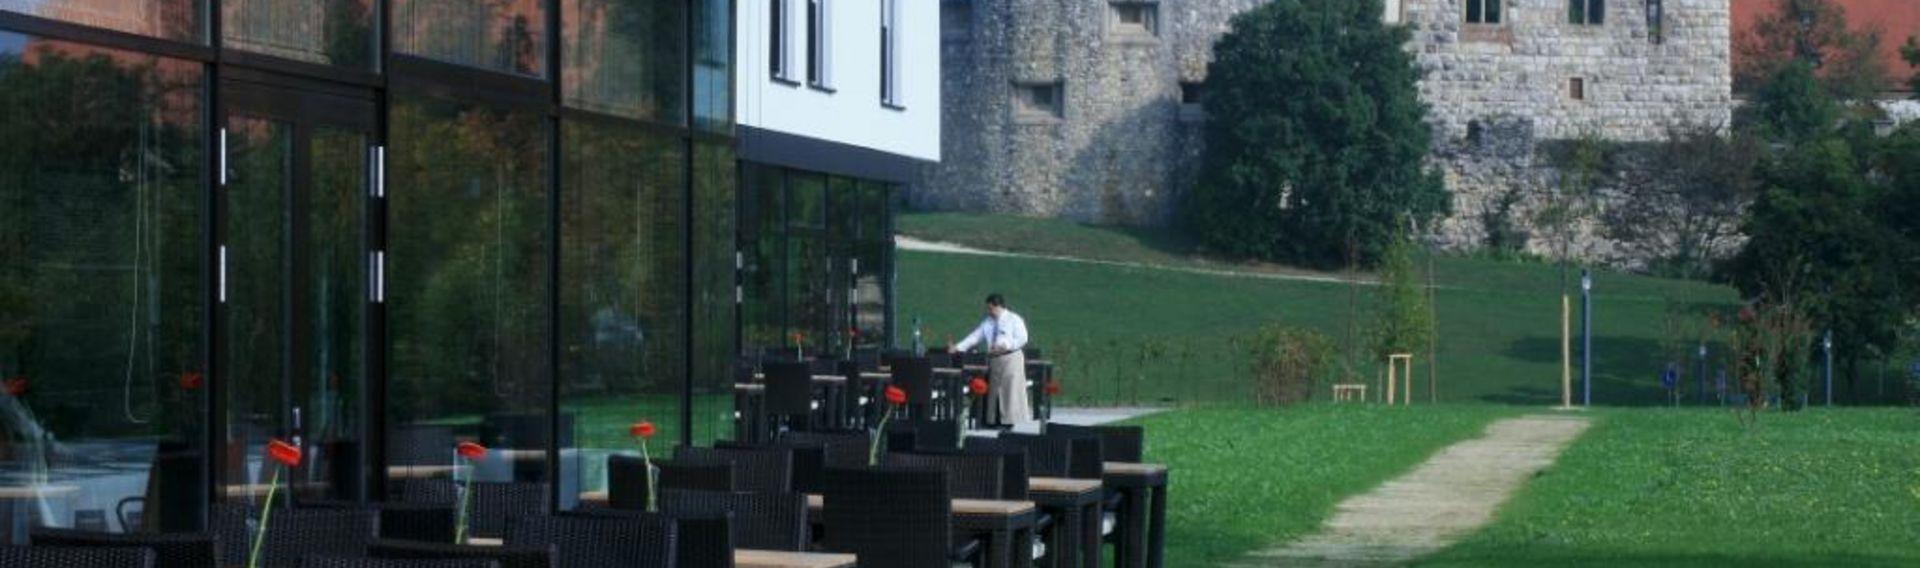 Urlaub Schlosshotel mit Hund